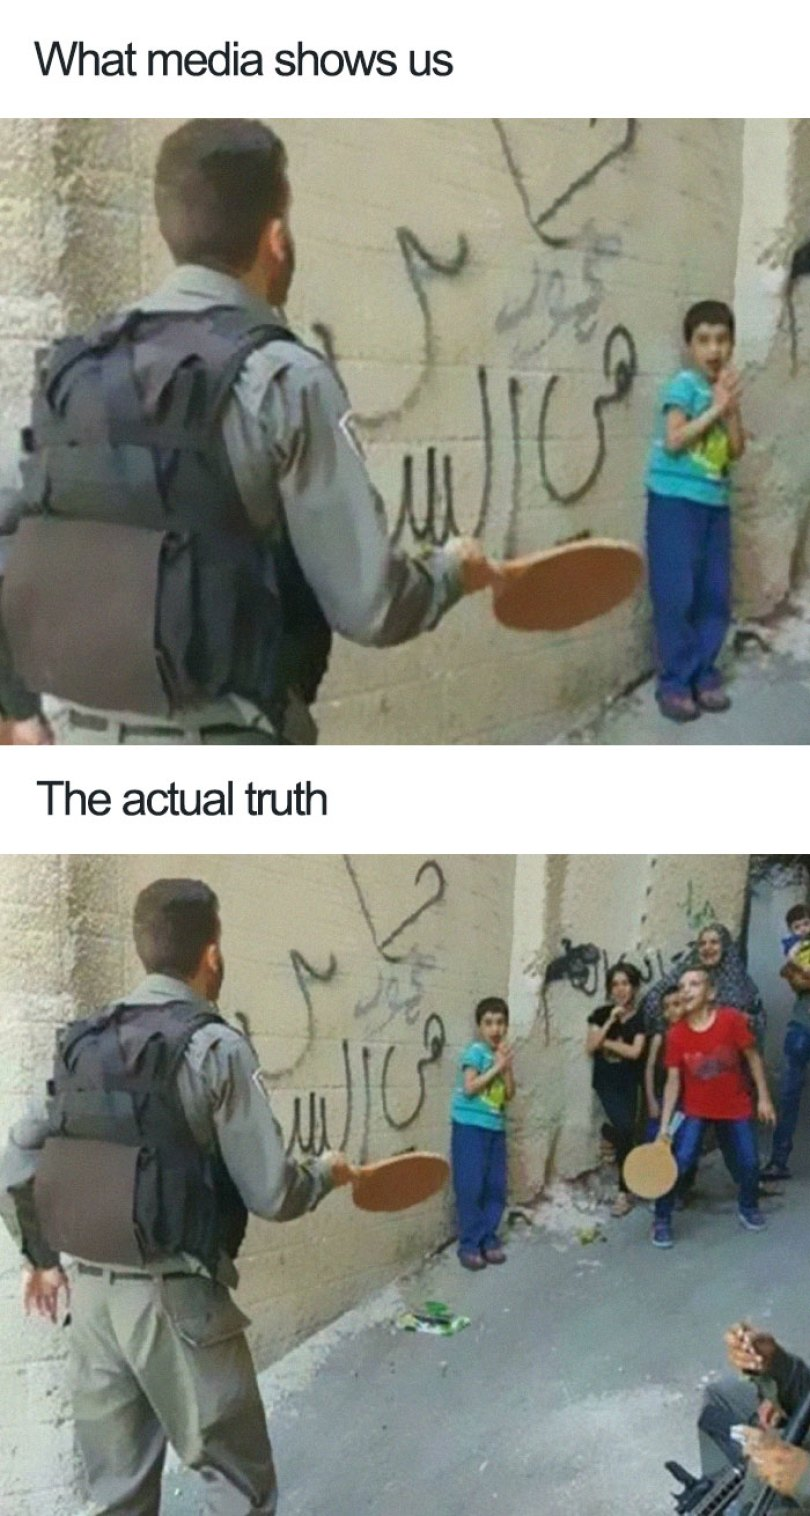 5bd714300d471 examples media truth manipulation 80 5bd3115606019  700 - Fotos subjetivas - Como os meios de comunicação podem manipular a verdade?